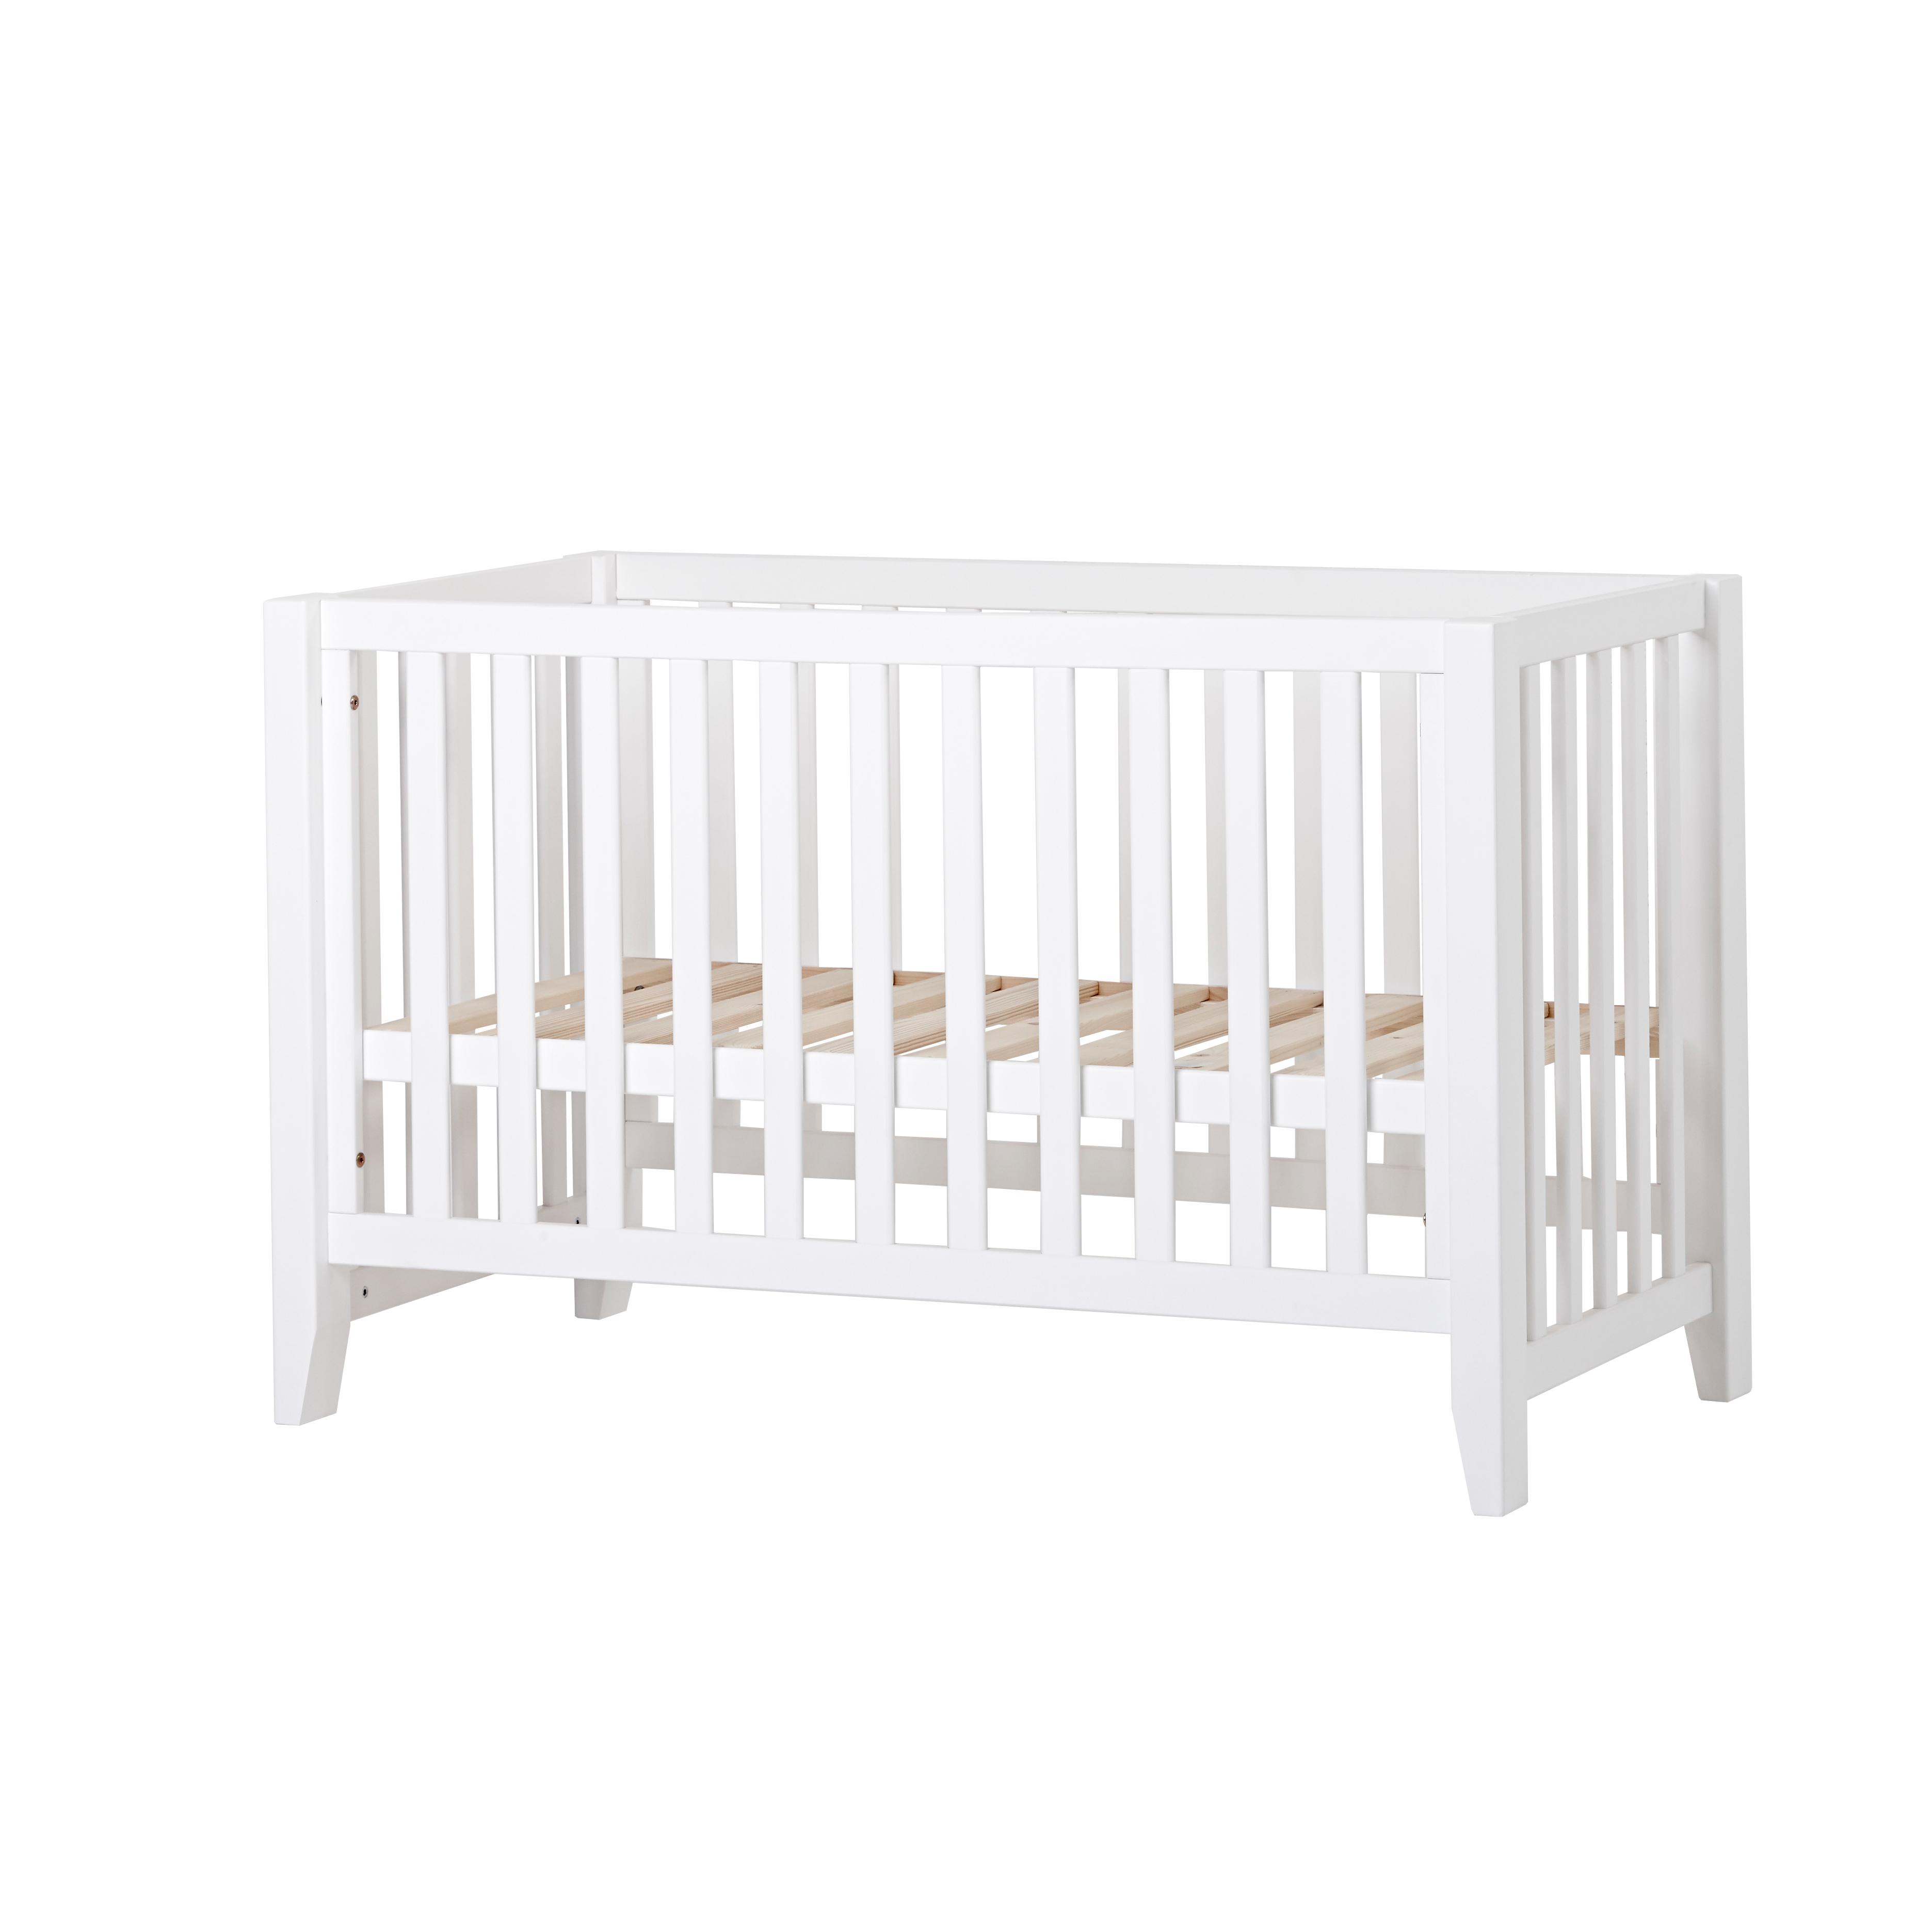 babyseng Änglamark tremmeseng   Hvid 60 x 120 cm   Svanemærket babyseng  babyseng